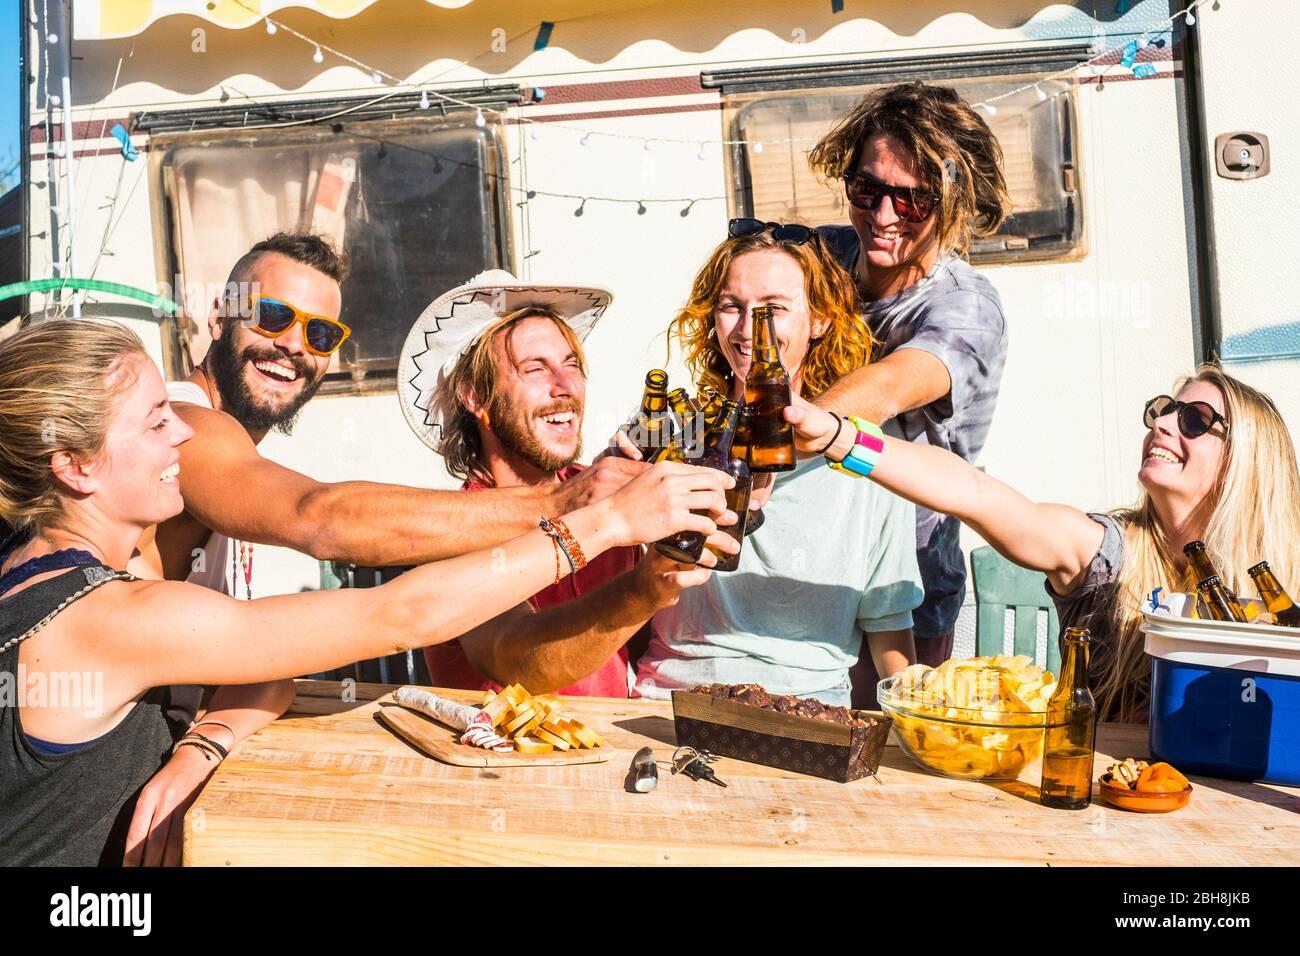 Gruppo di amici felici che si battono e si aggirano insieme birra con felicità - gente piacevole con la natura e lo stile di vita all'aperto - ragazzi e ragazze sorridenti e ridenti con carovan alternativo in background Foto Stock